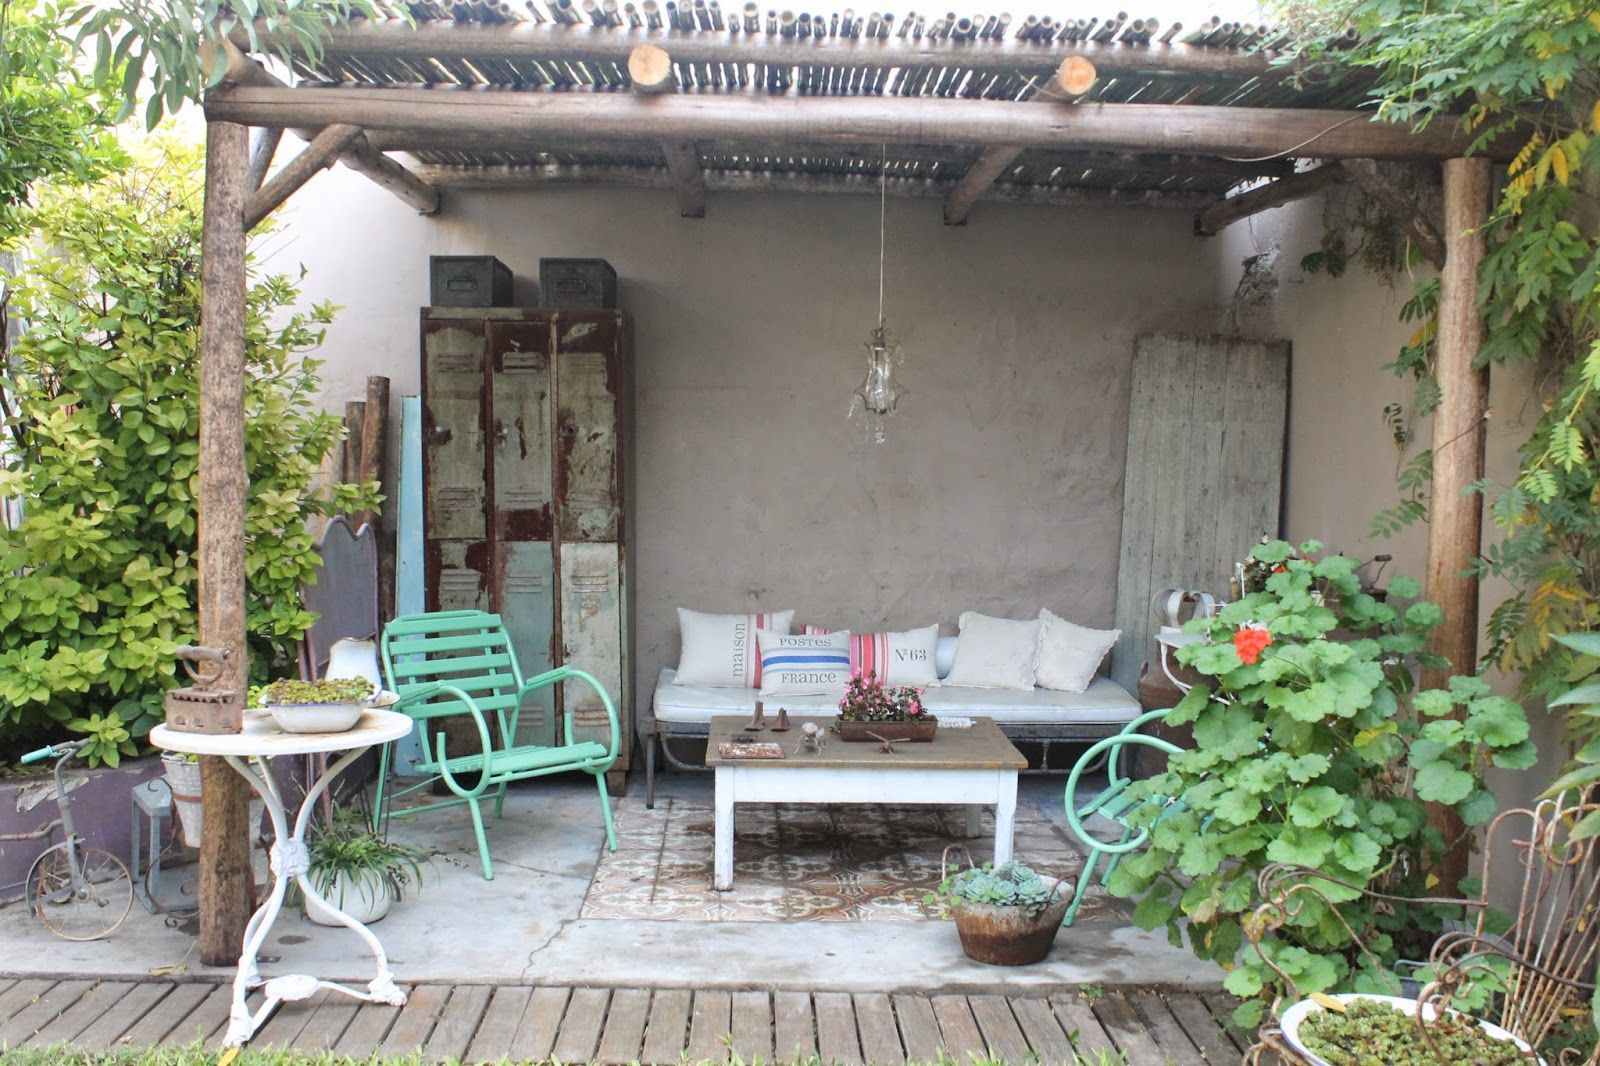 Mi casa vintage deco marce plantas pinterest deco for Mi casa deco